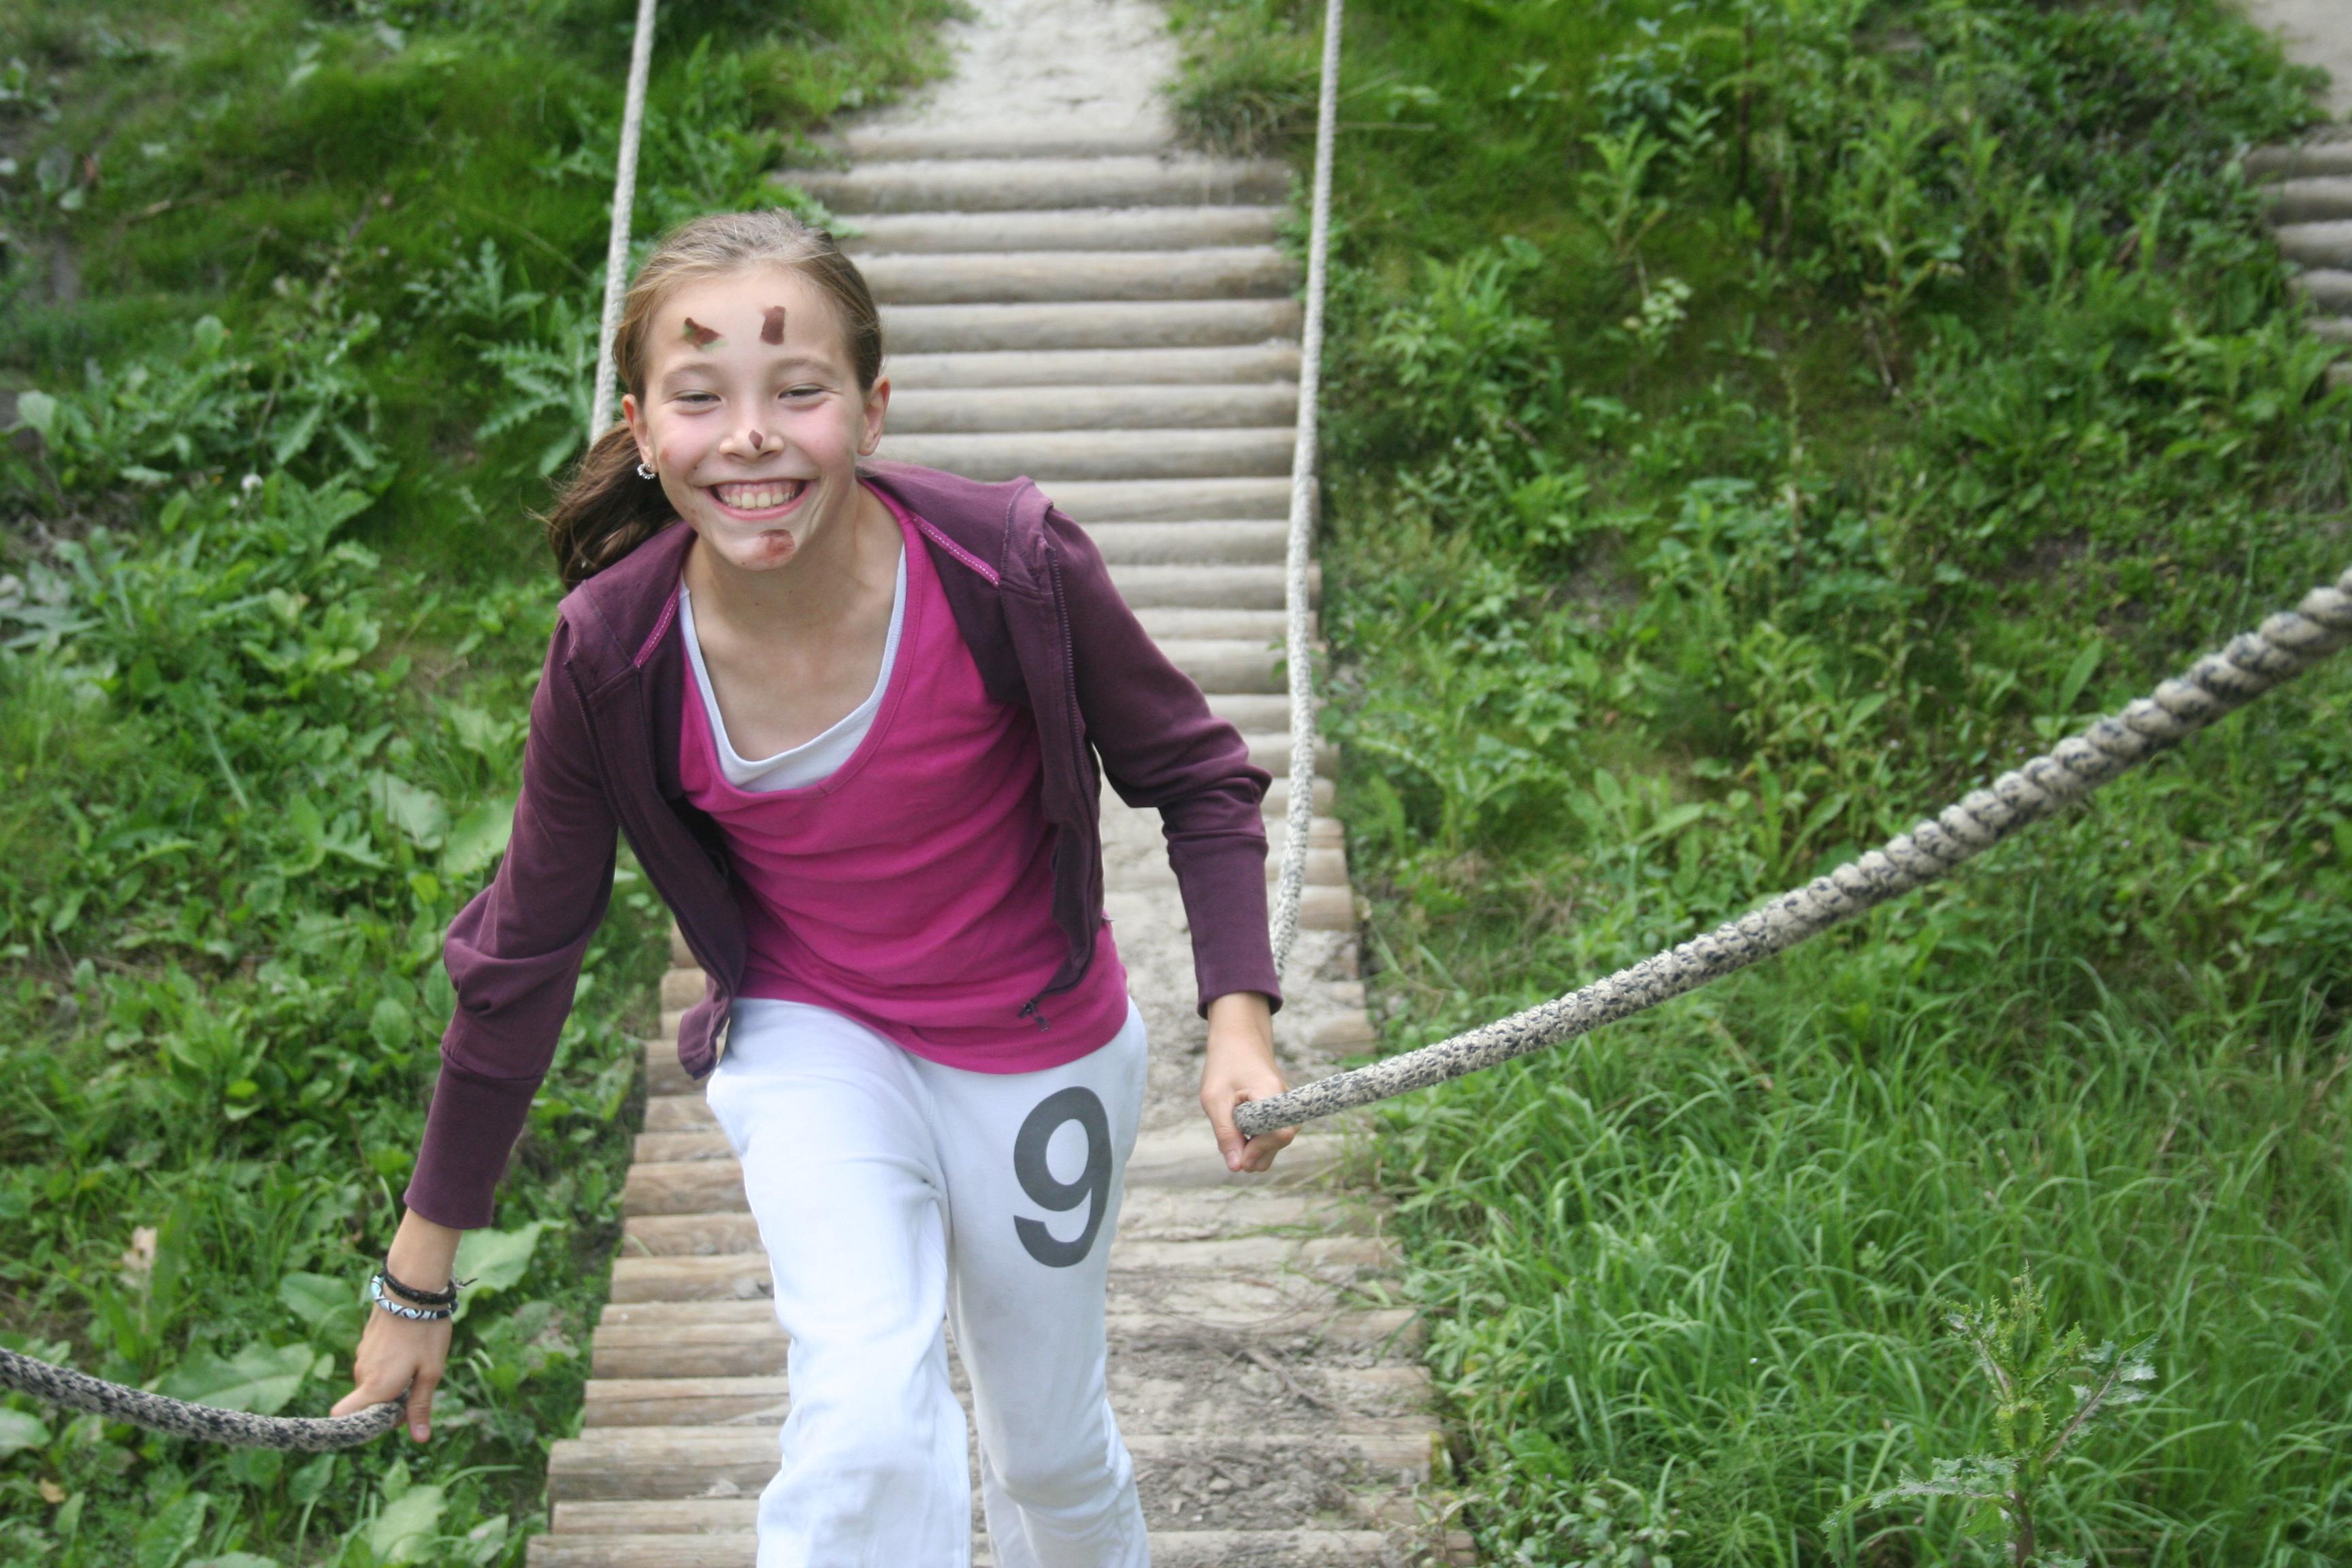 Vakantieprogramma activiteiten Almere kids outdoor Flevoland